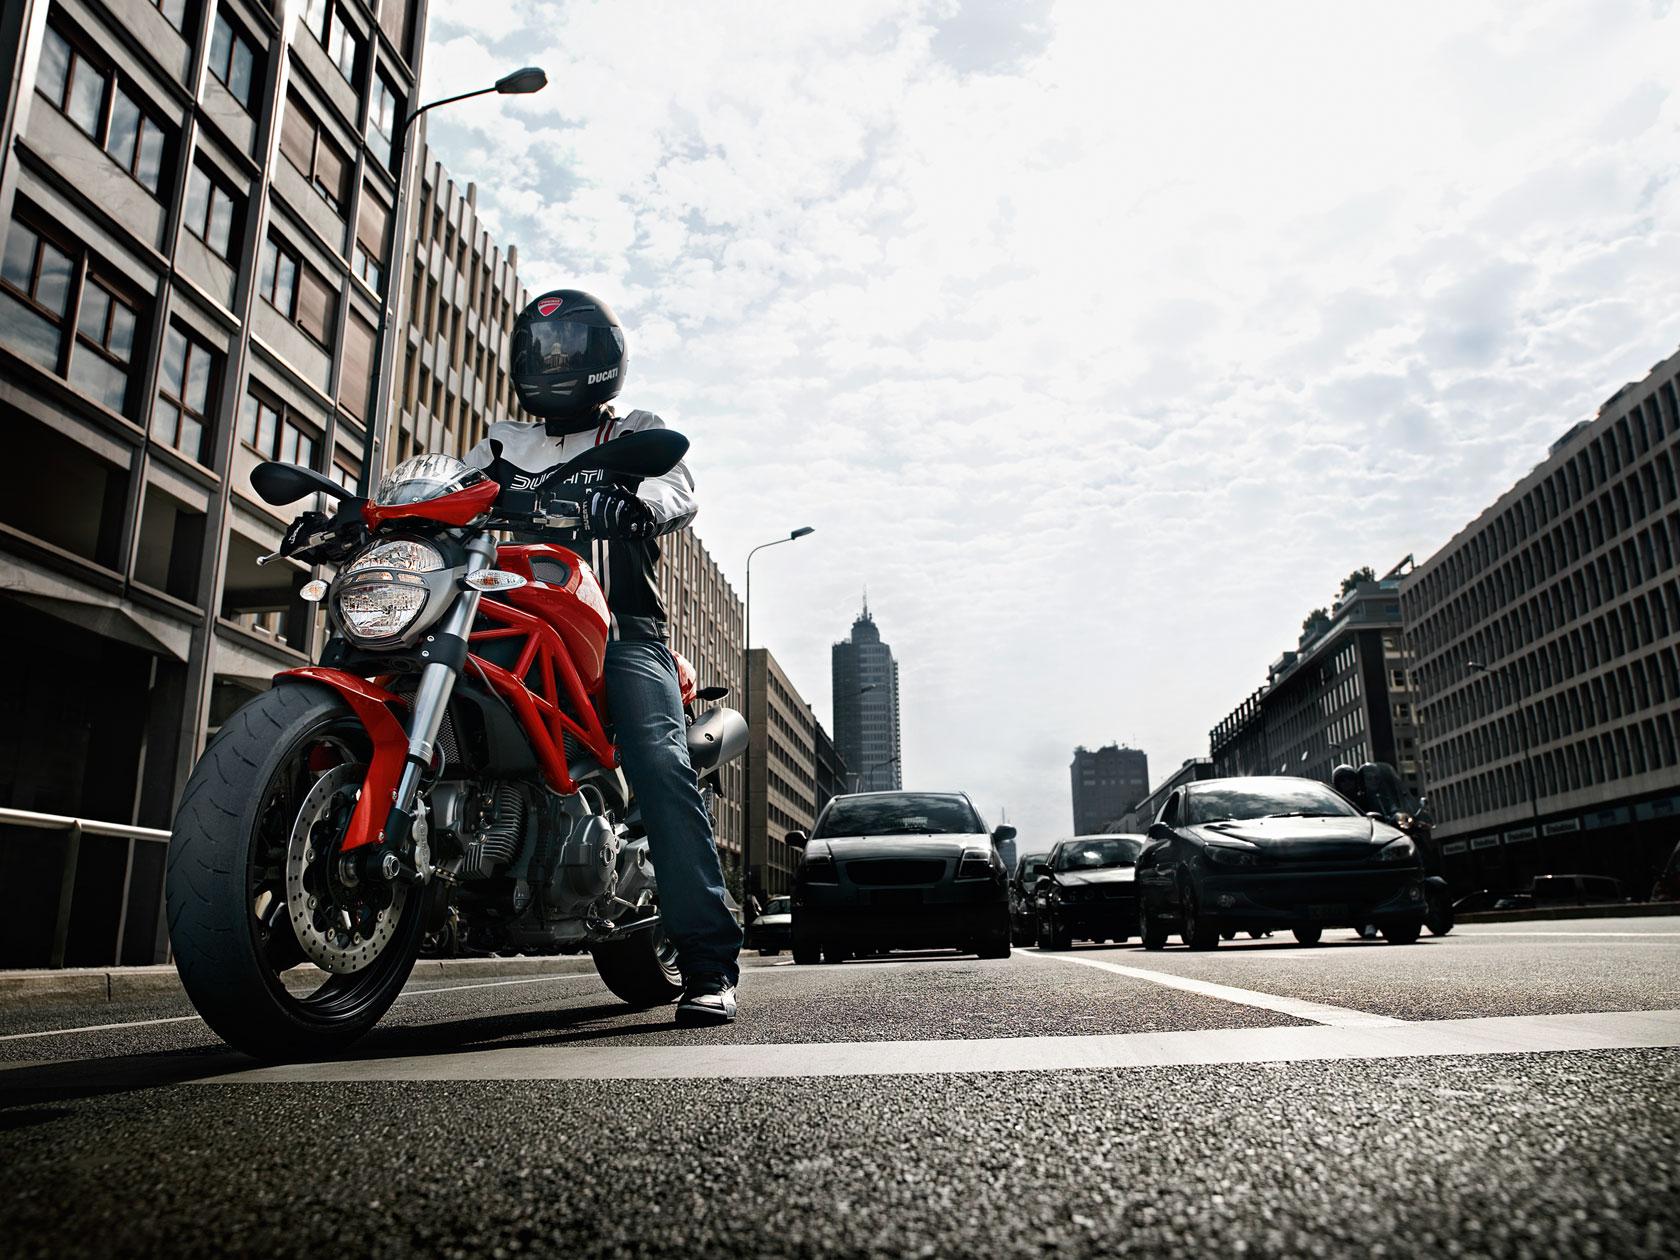 Ducati Monster 696 on the street